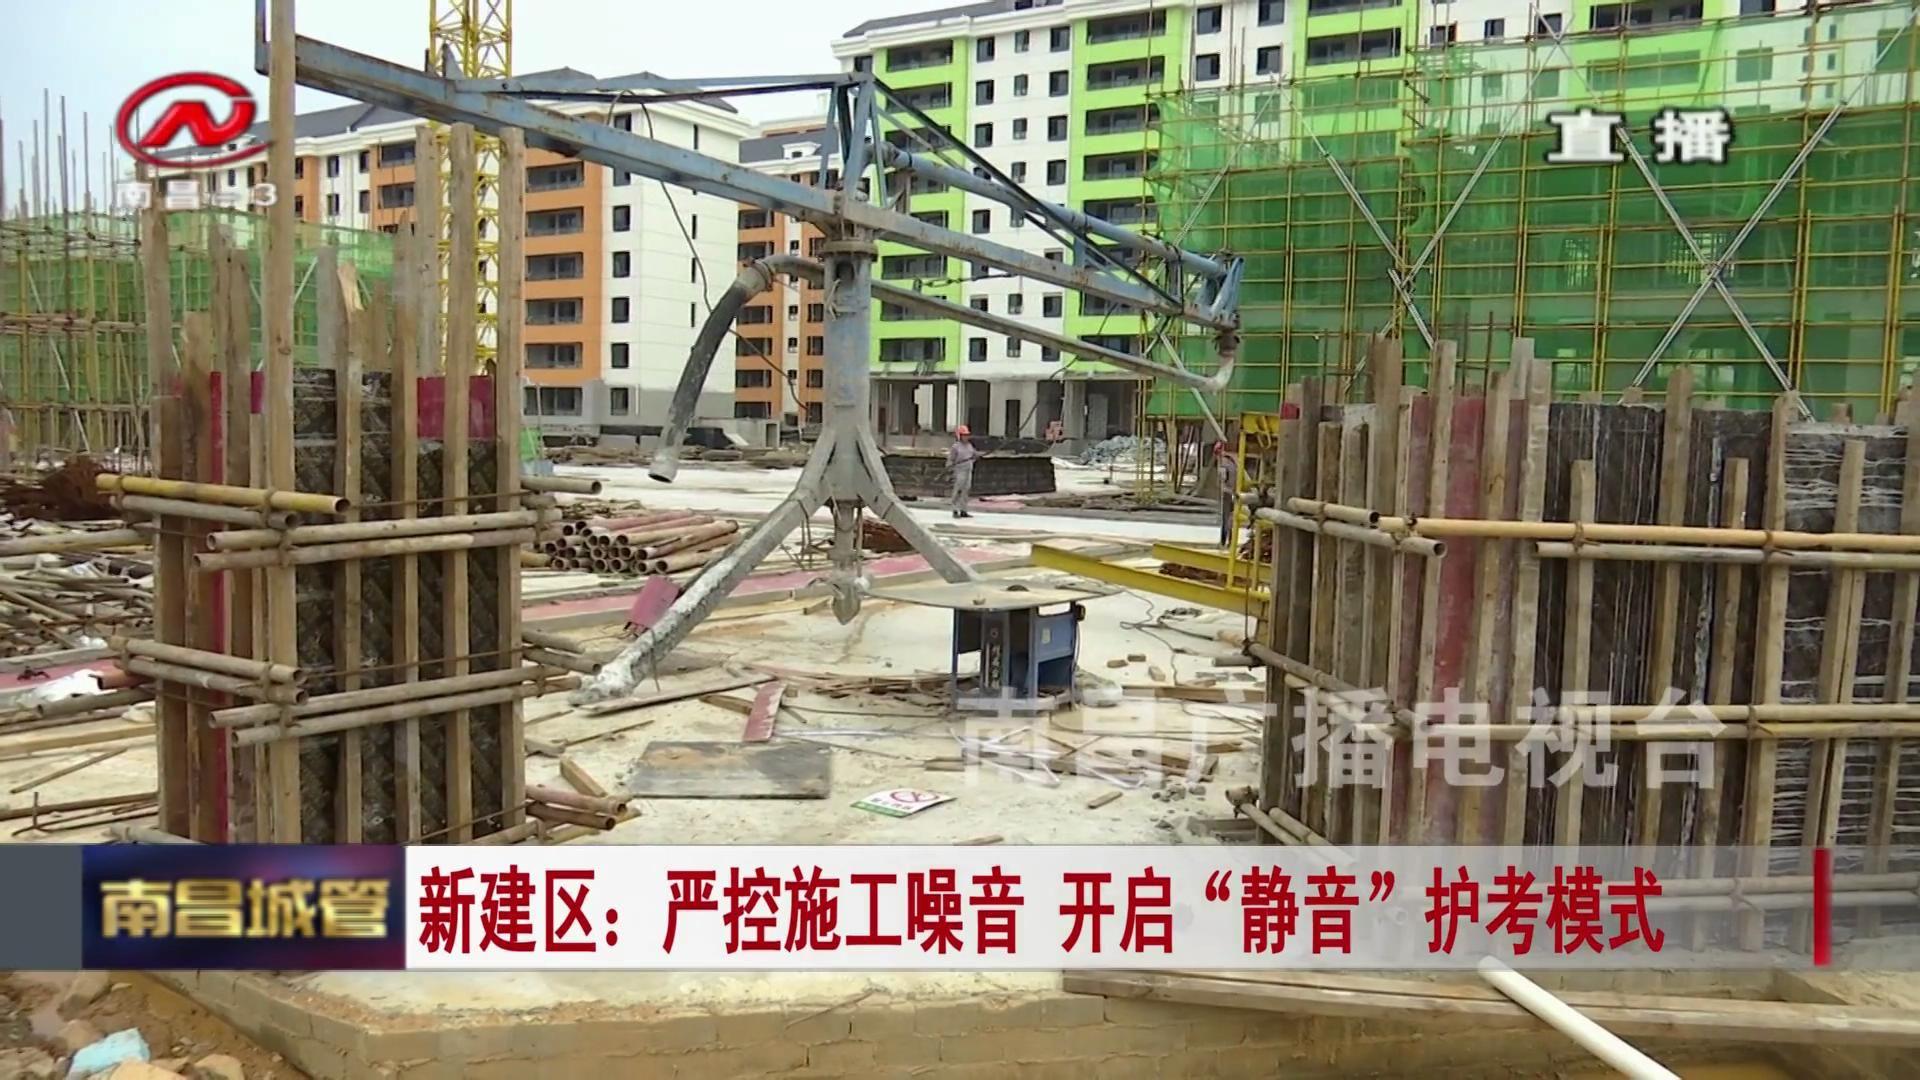 """【城管新闻】 新建区:严控施工噪音 开启""""静音""""护考模式"""